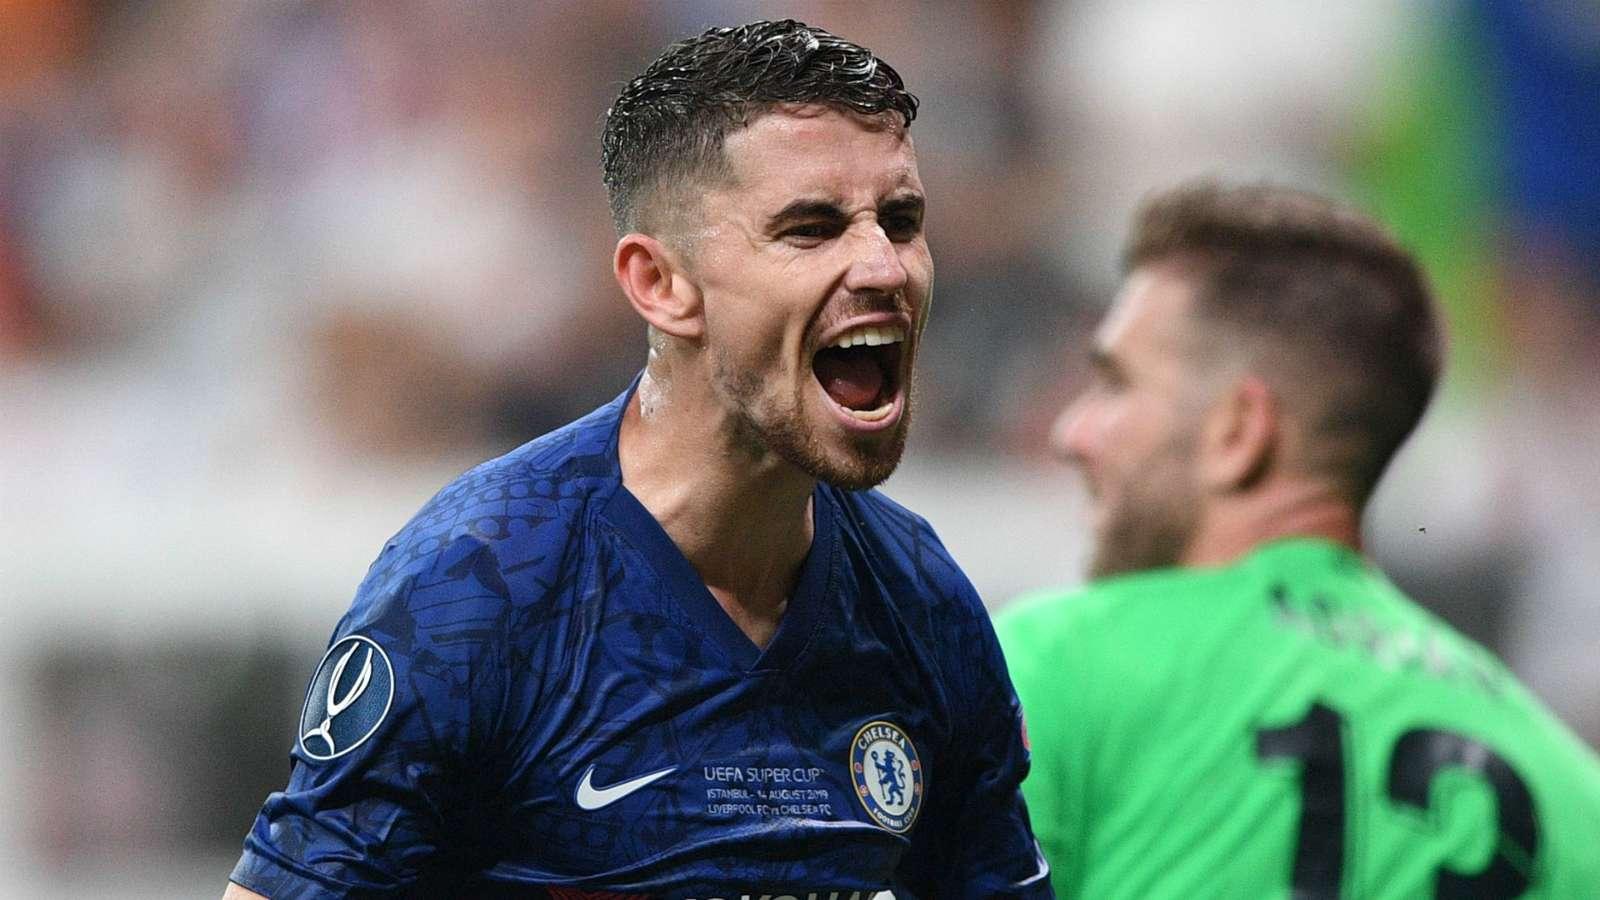 ایتالیا-چلسی-لیگ برتر-آتزوری-Italy-Premier League-Chelsea-Blues